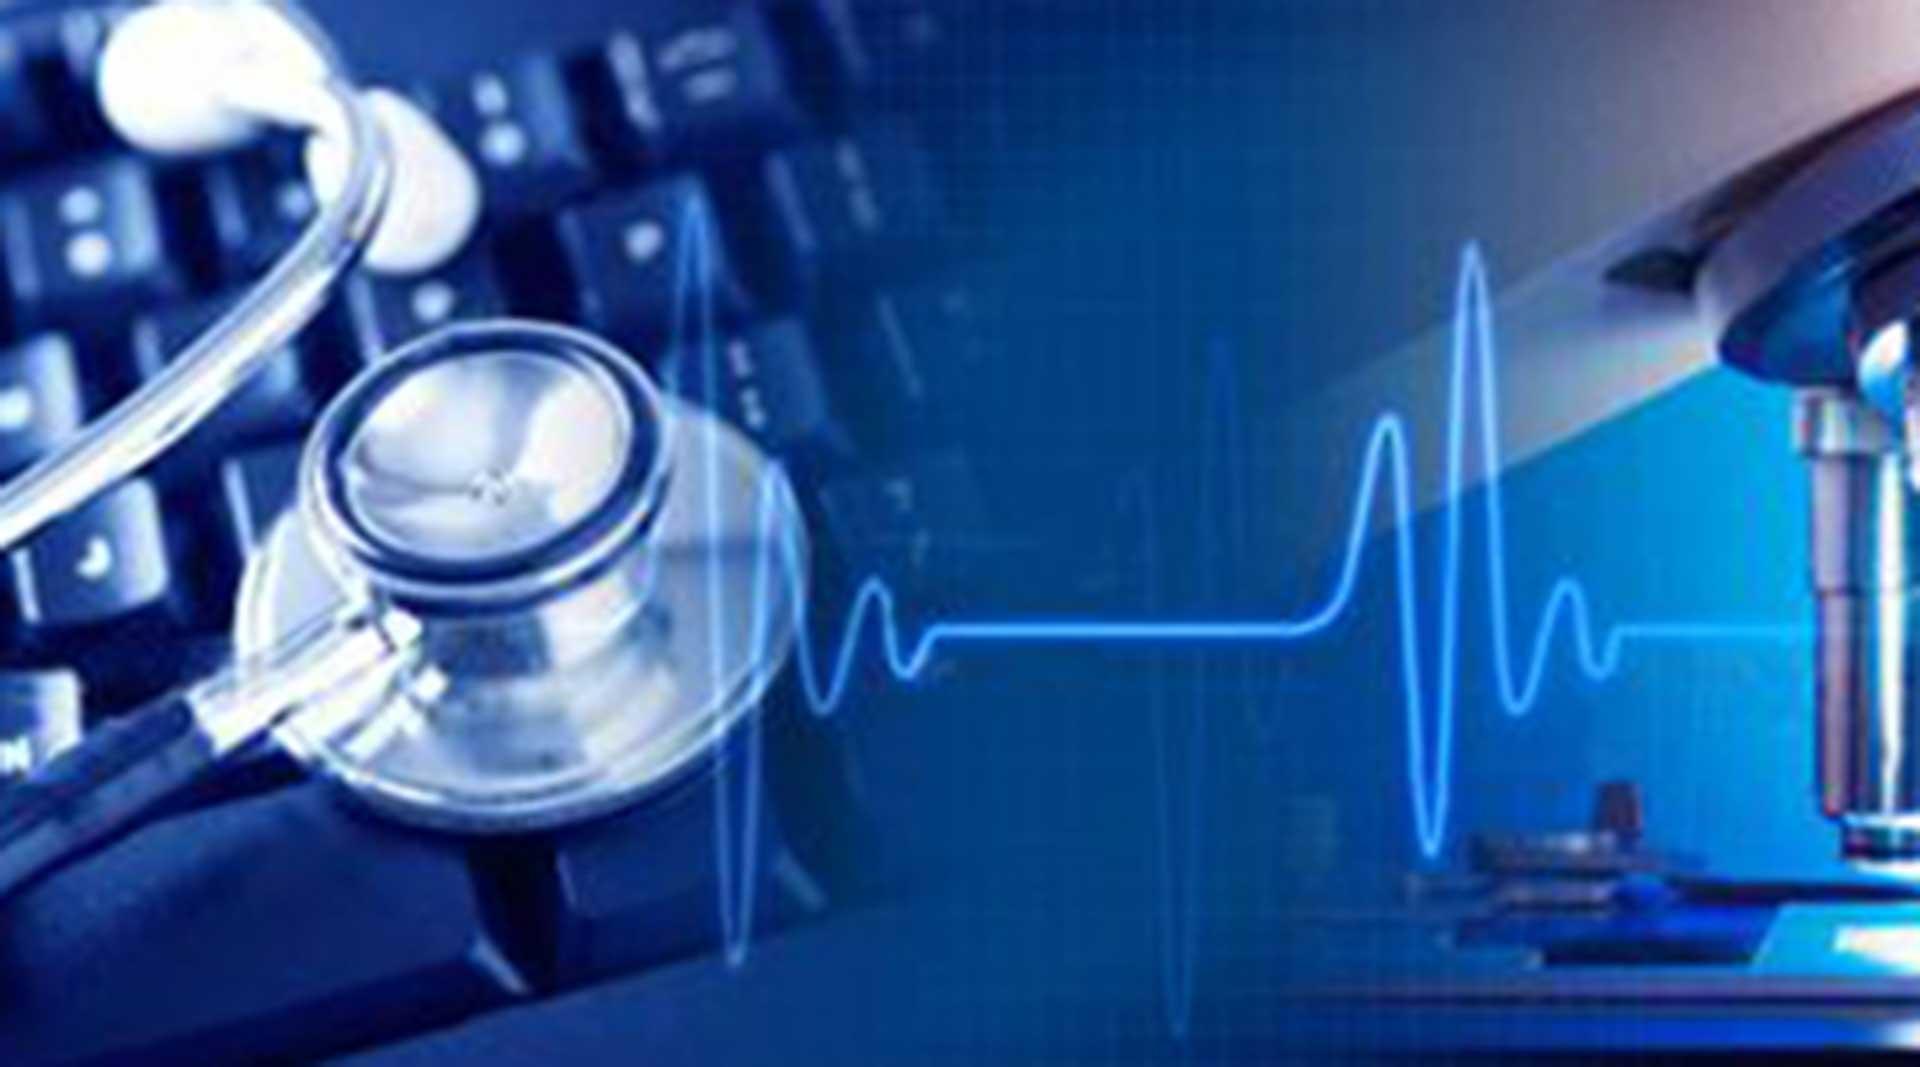 Tıbbi Cihazların İthalat Denetimi Tebliği